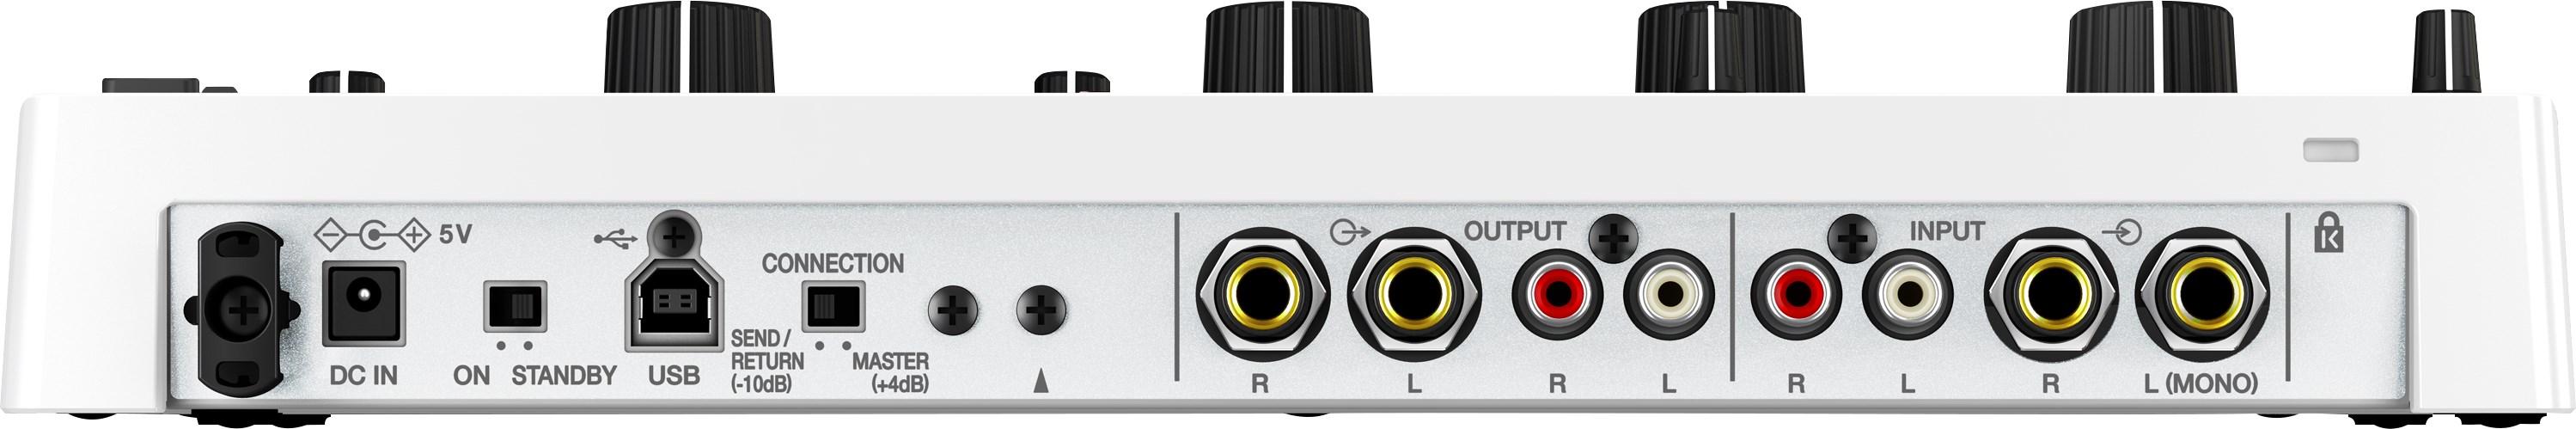 RMX-1000-W back